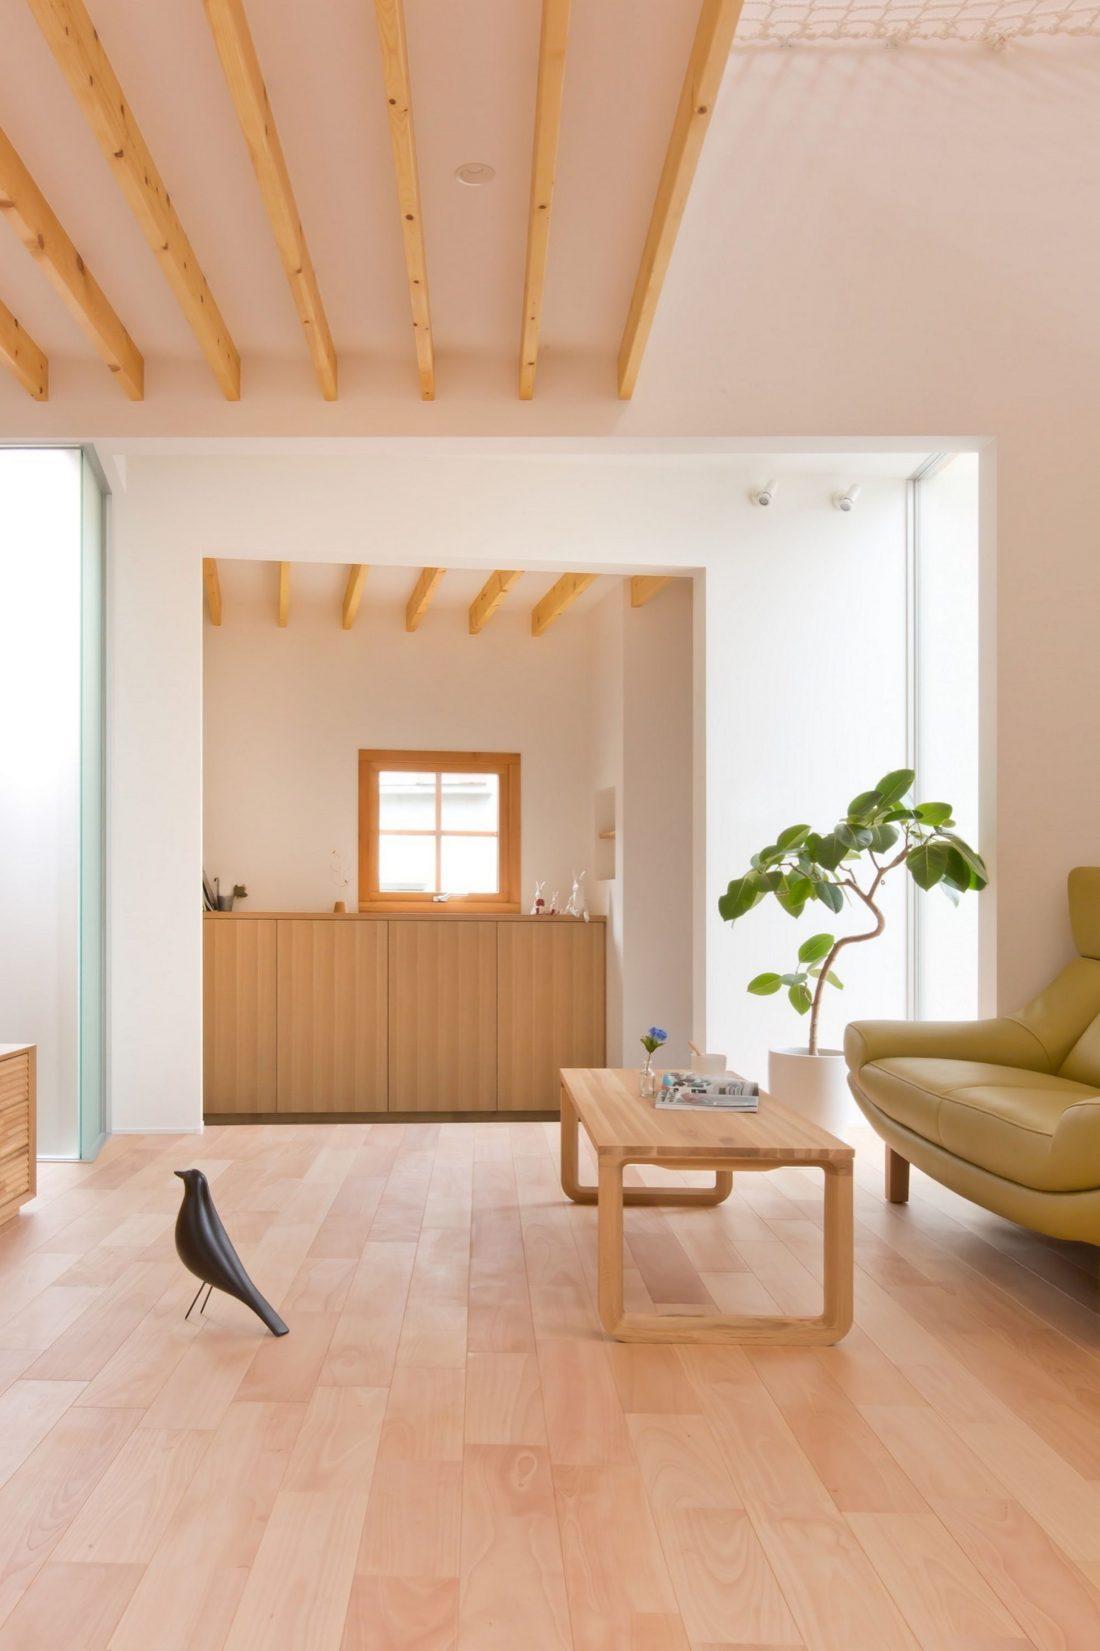 dom-v-stile-yaponskogo-minimalizma-v-kioto-proekt-alts-design-office-6